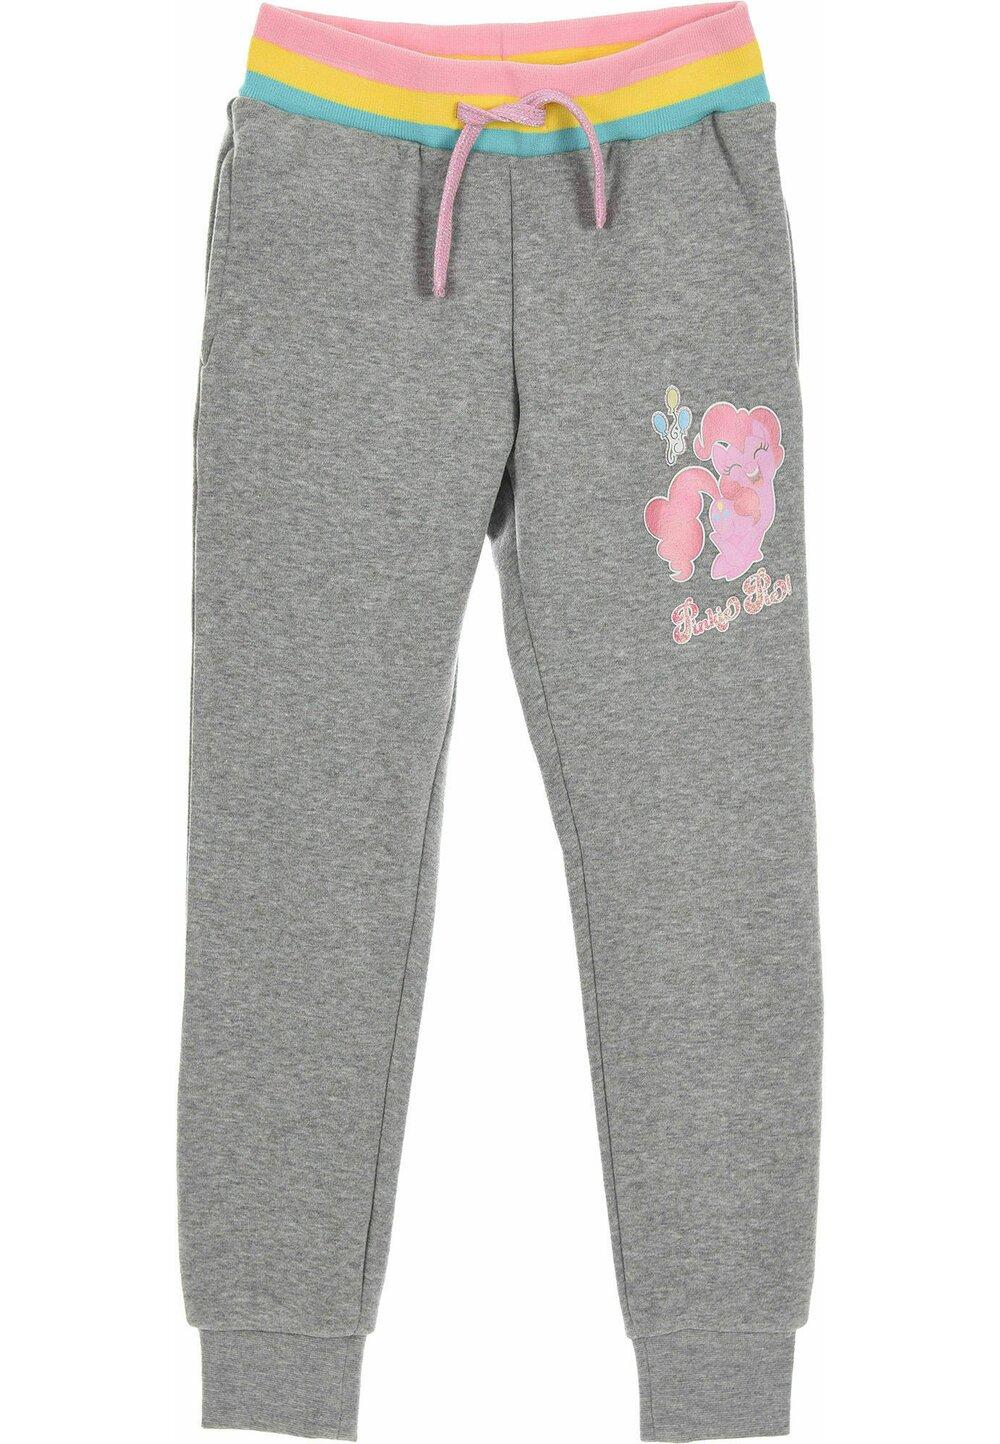 Pantalon de trening, Pinkie Pie, gri